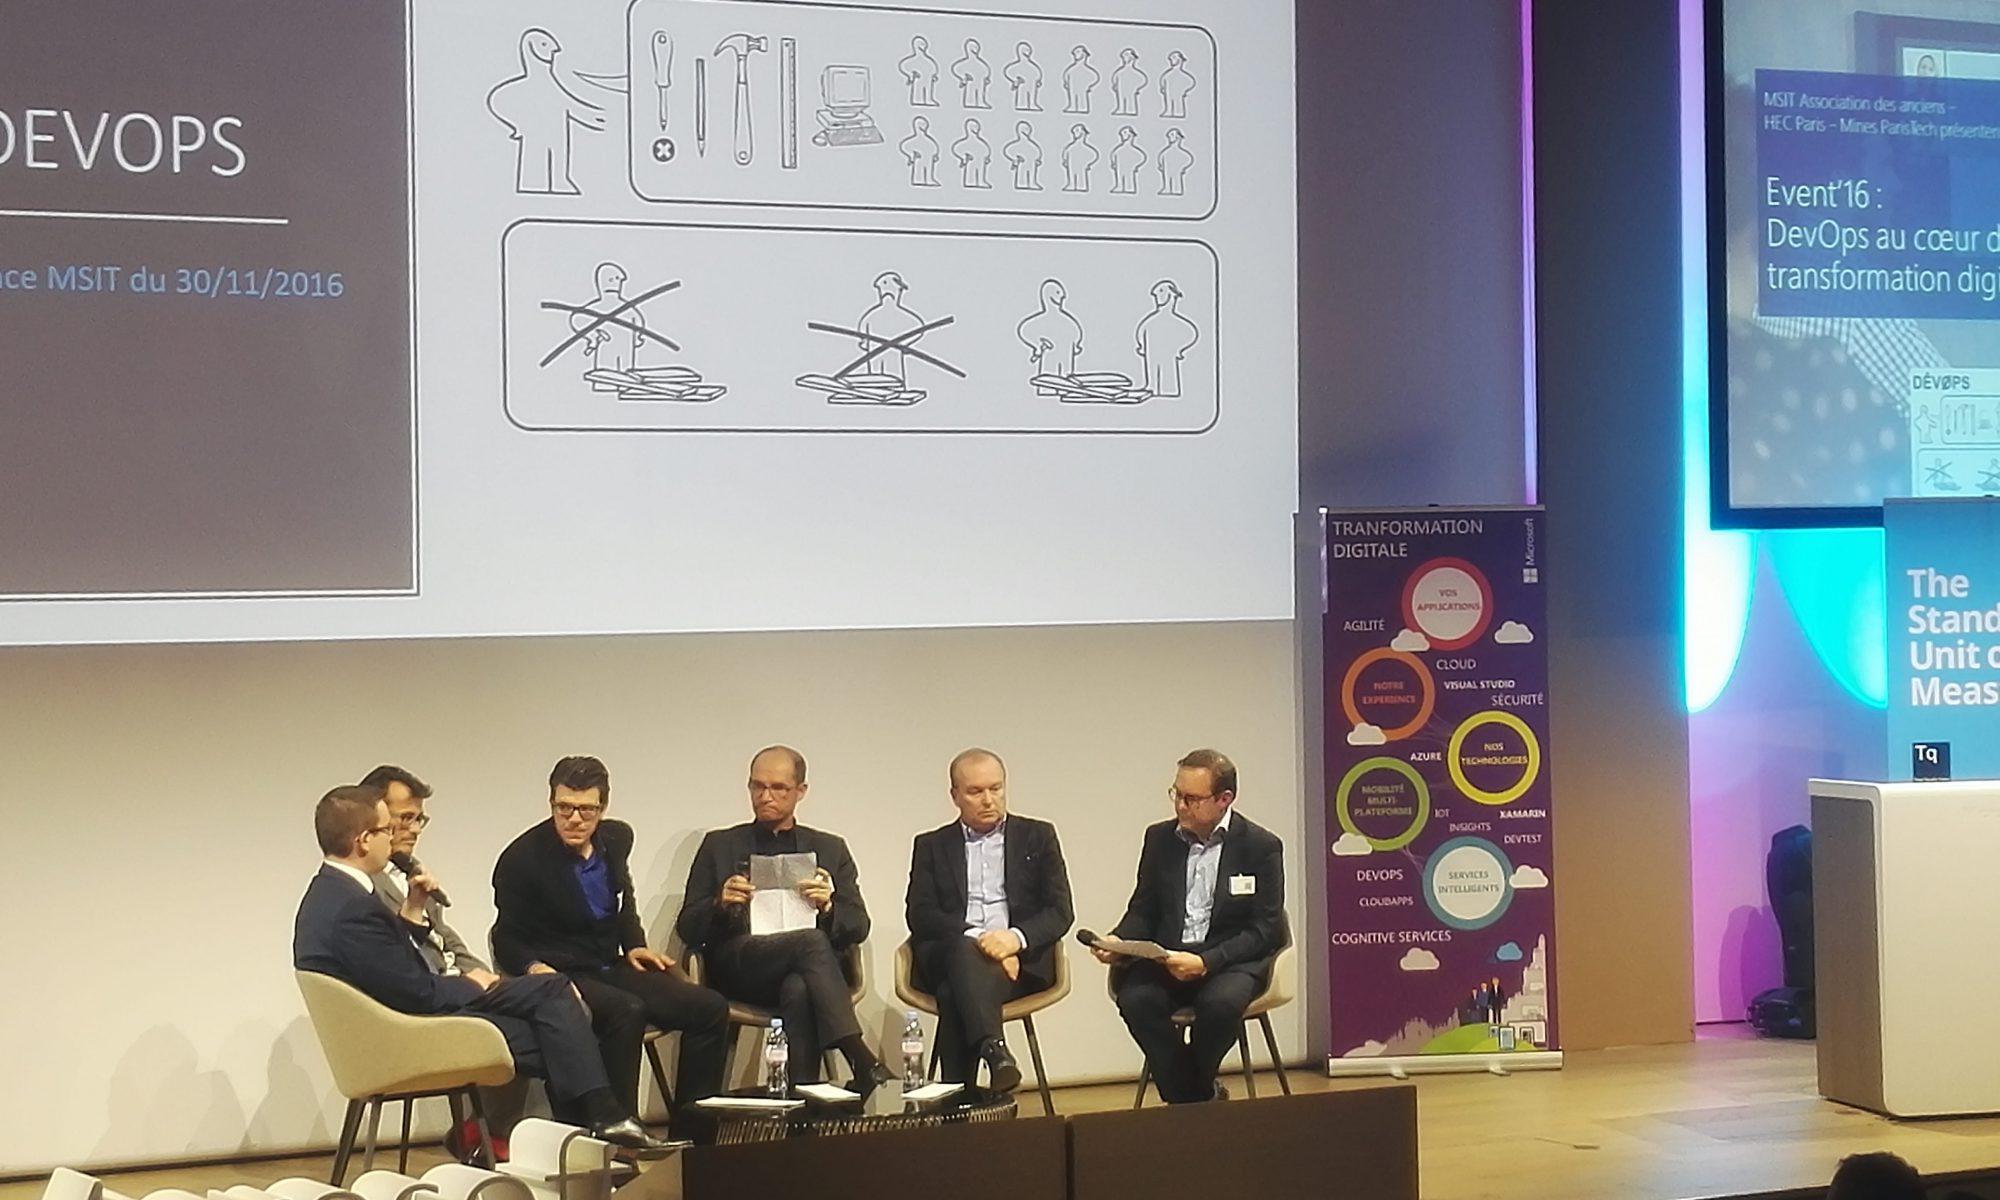 Conférence MSIT 2016 [DEVOPS]